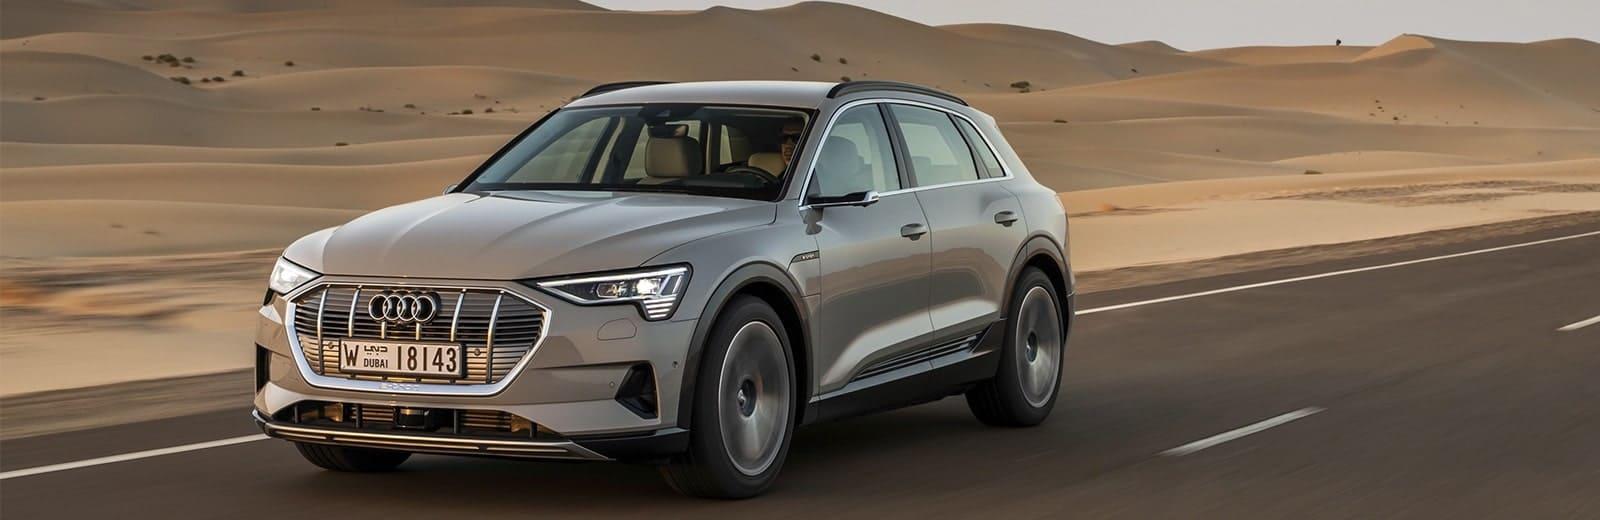 Audi e-tron EV range